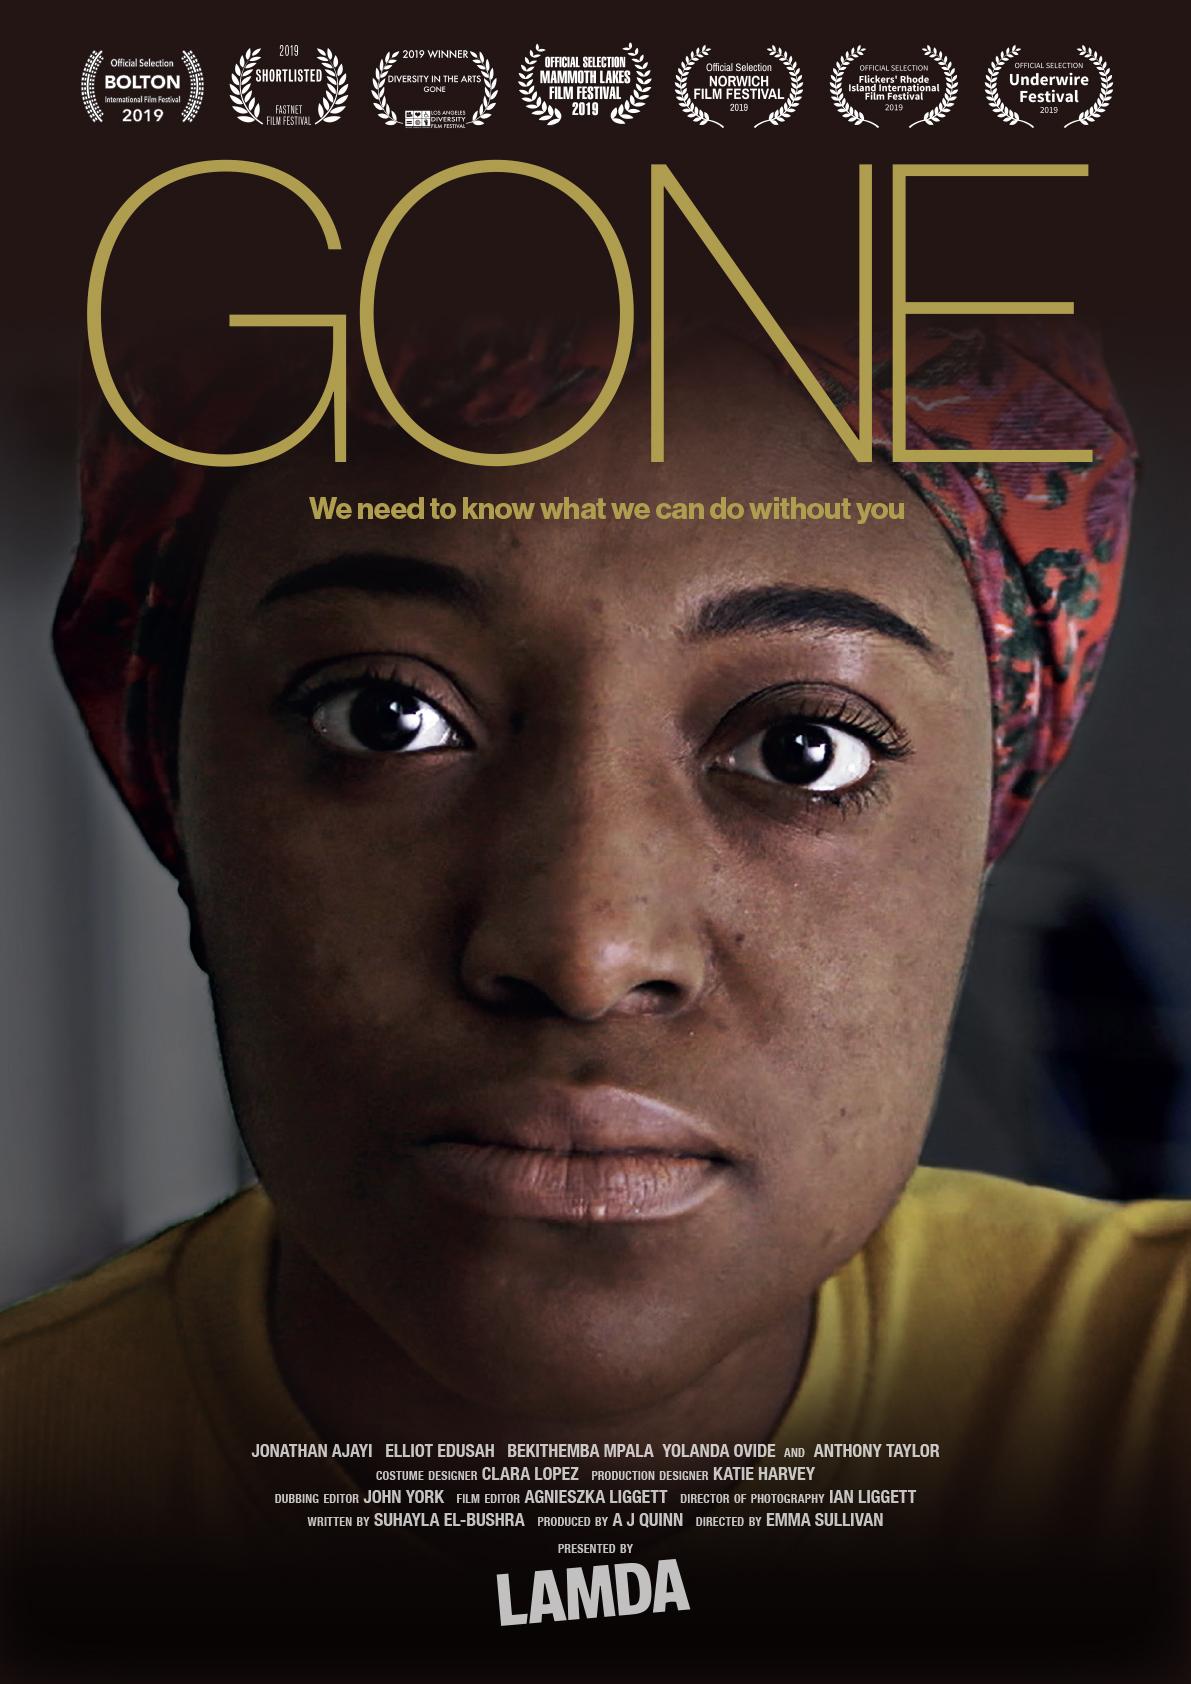 Poster for Gone - an Award-winning short film